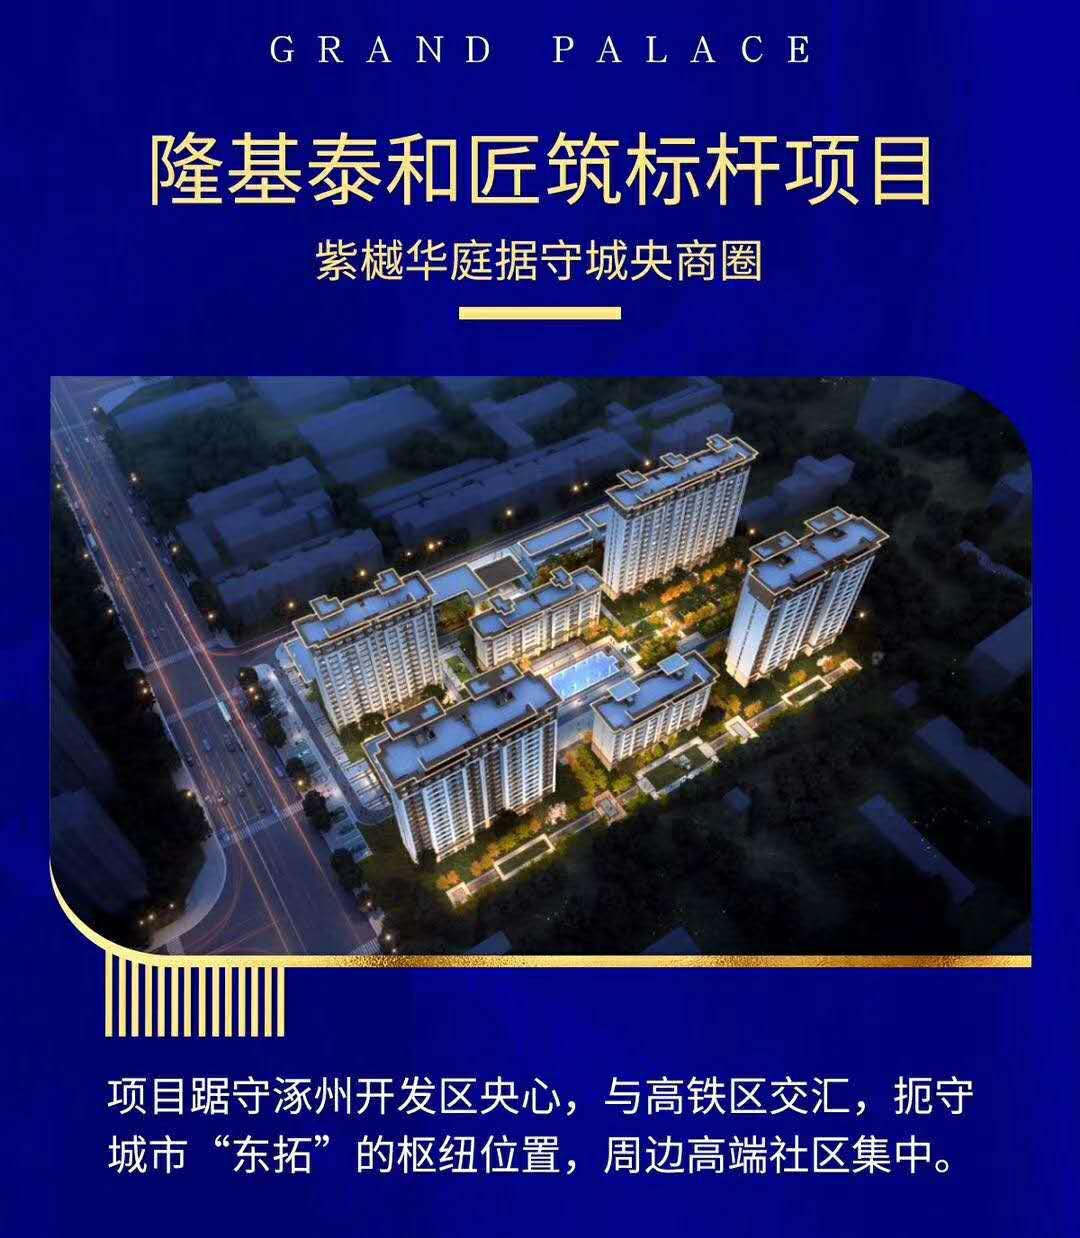 涿州隆基泰和紫樾华庭最新优惠